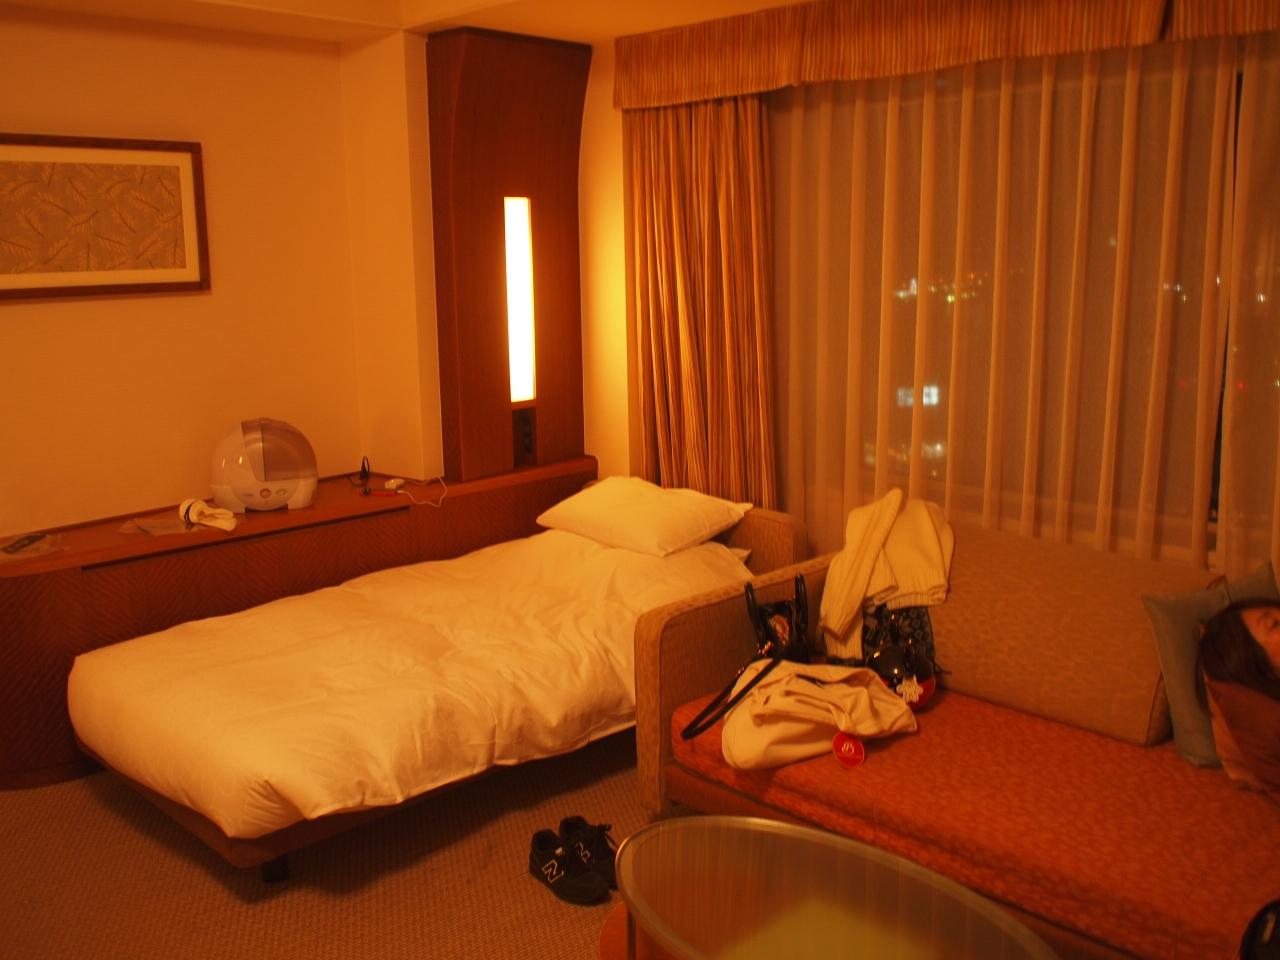 娘誕生日ディズニー 2 浦安ブライトンホテル東京ベイ』東京ディズニー